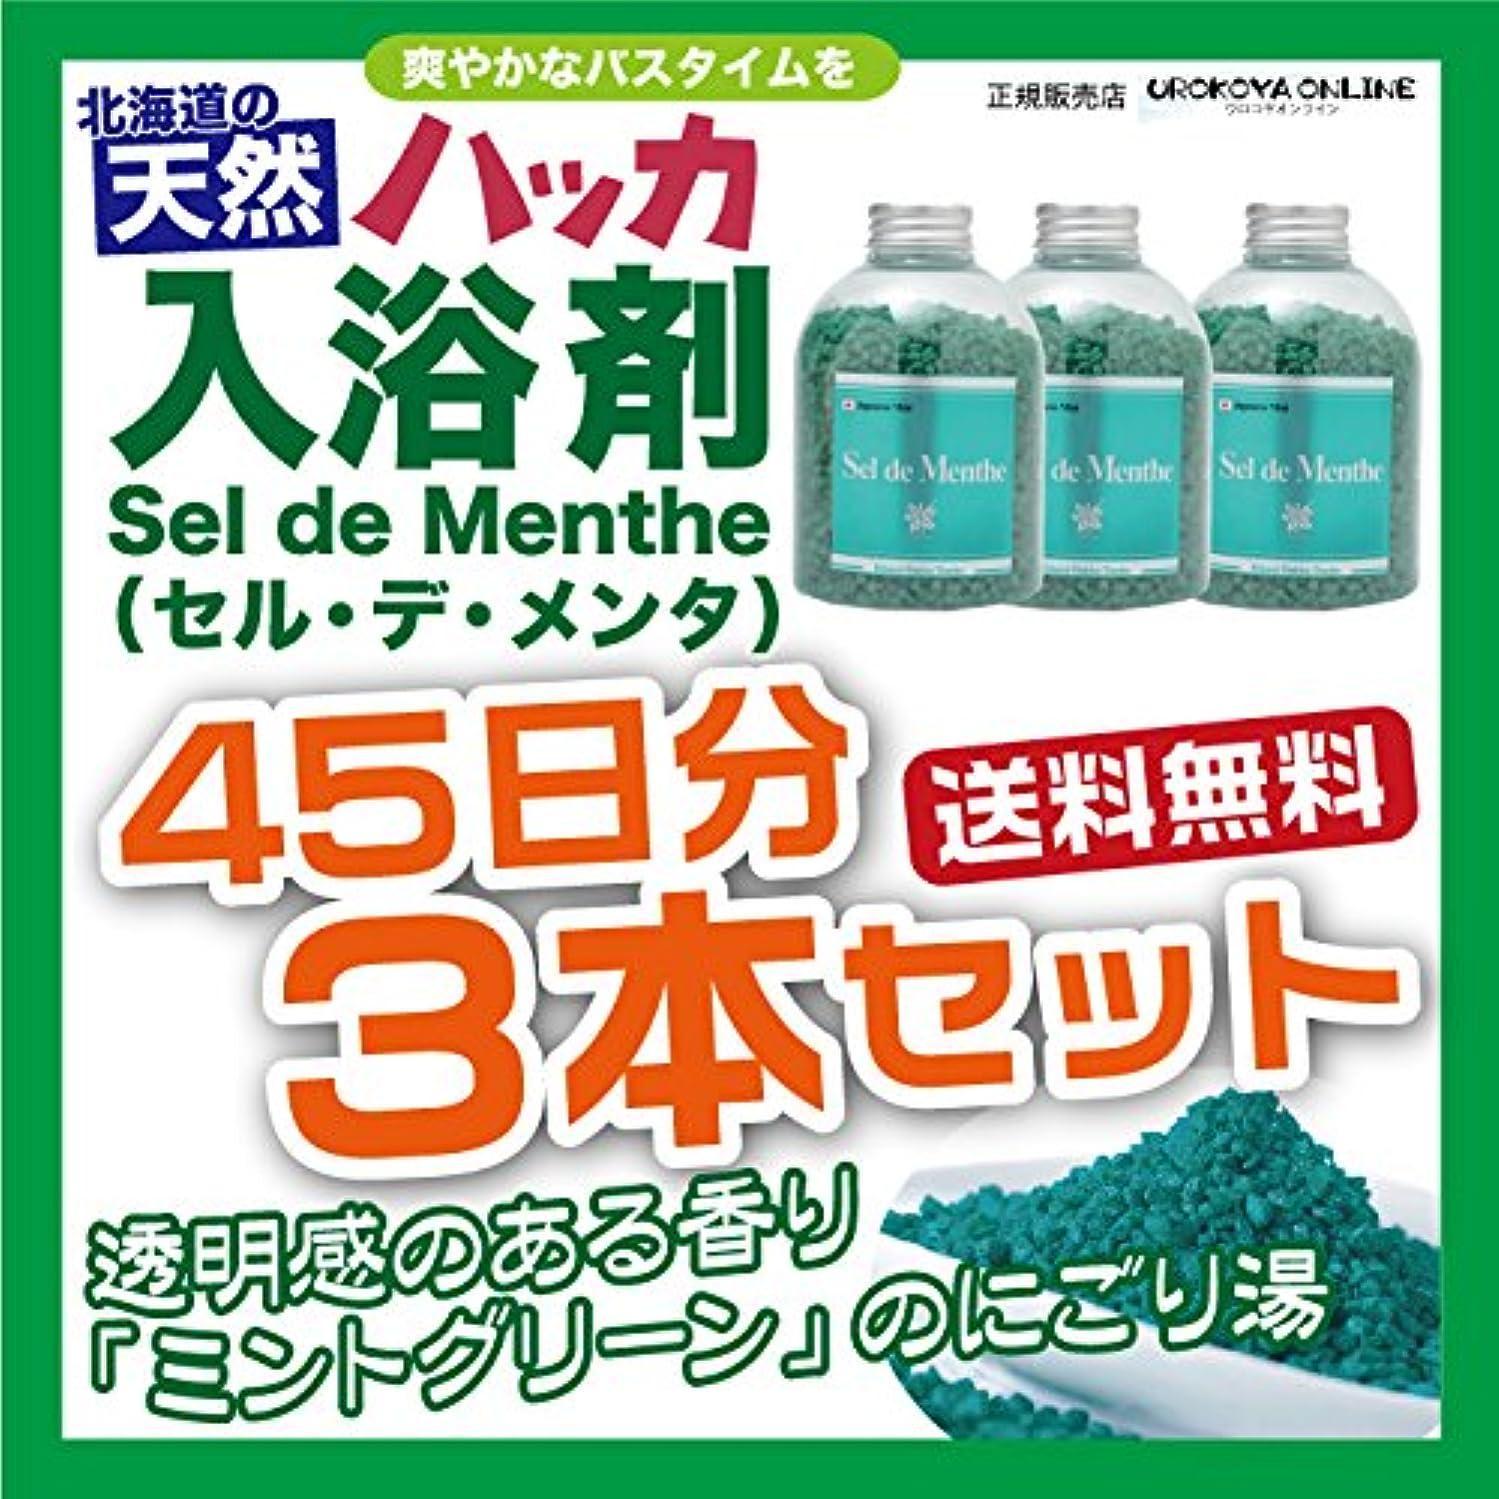 追う見込み裕福な【3本セット】北見ハッカ通商 入浴剤Sel de Menthe(セル?デ?メンタ)徳用ボトル 3本セット 1350g